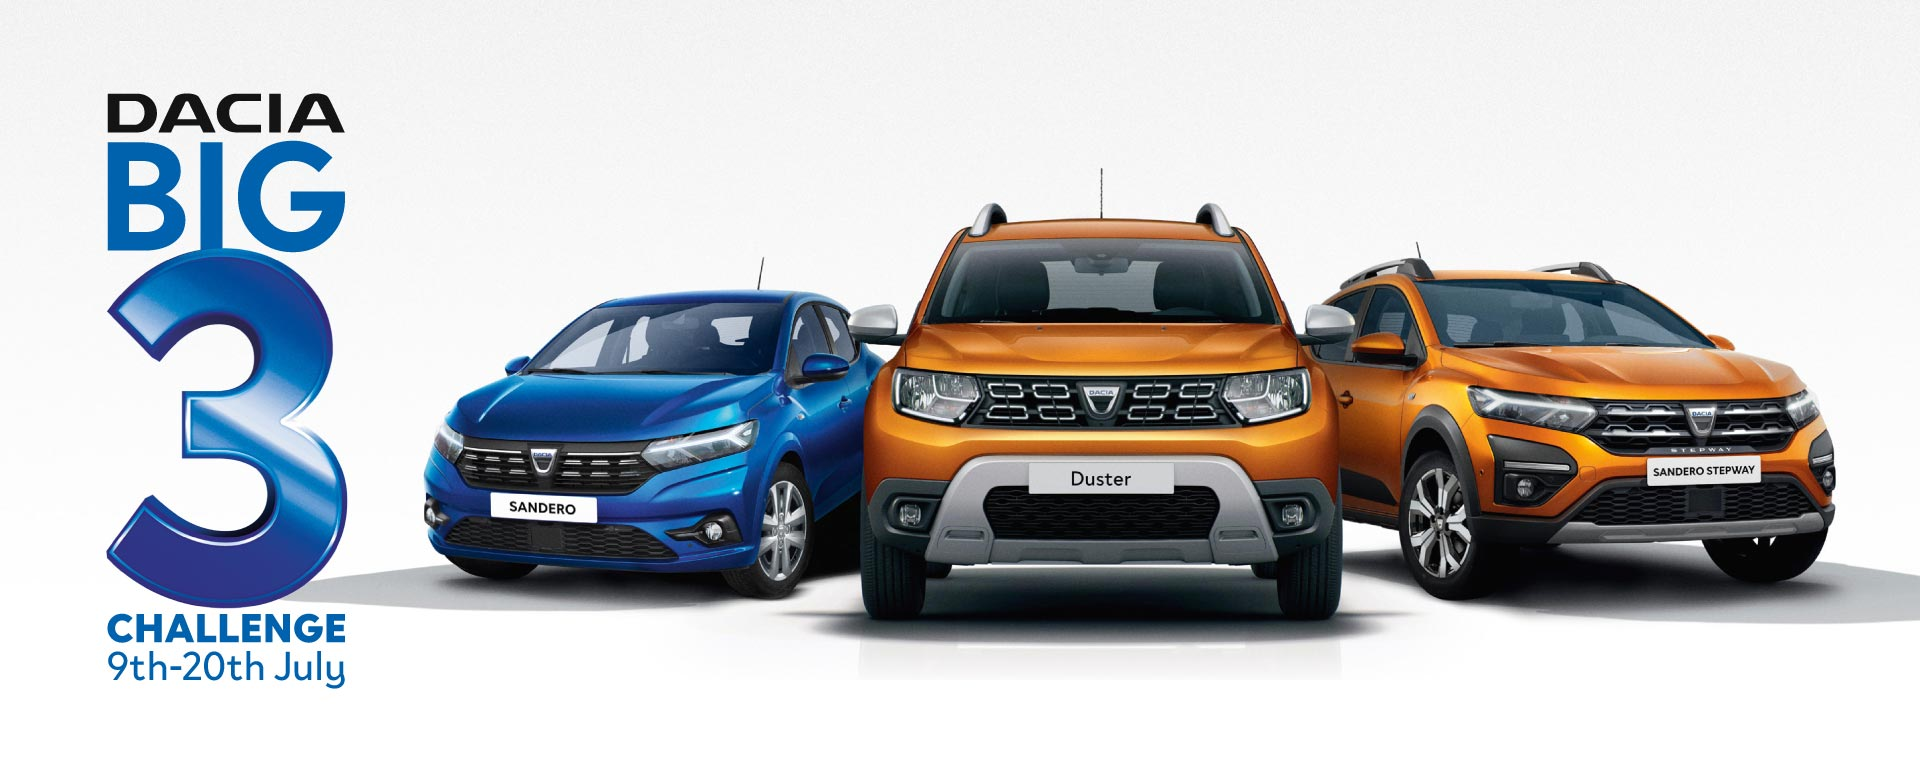 Dacia Sales Event